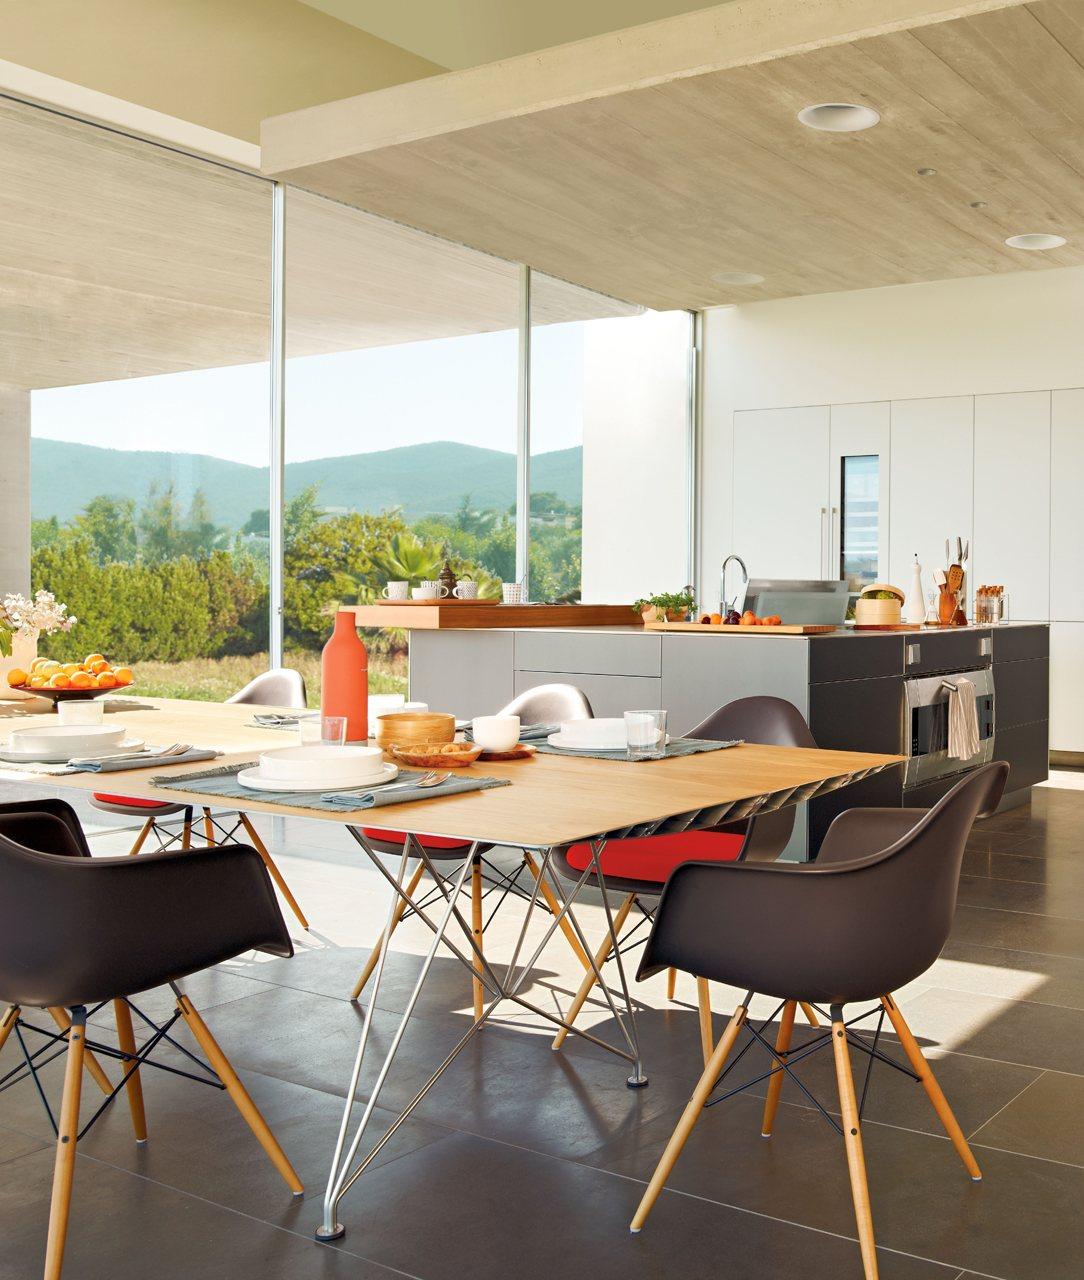 Tres cocinas amplias, luminosas y frescas